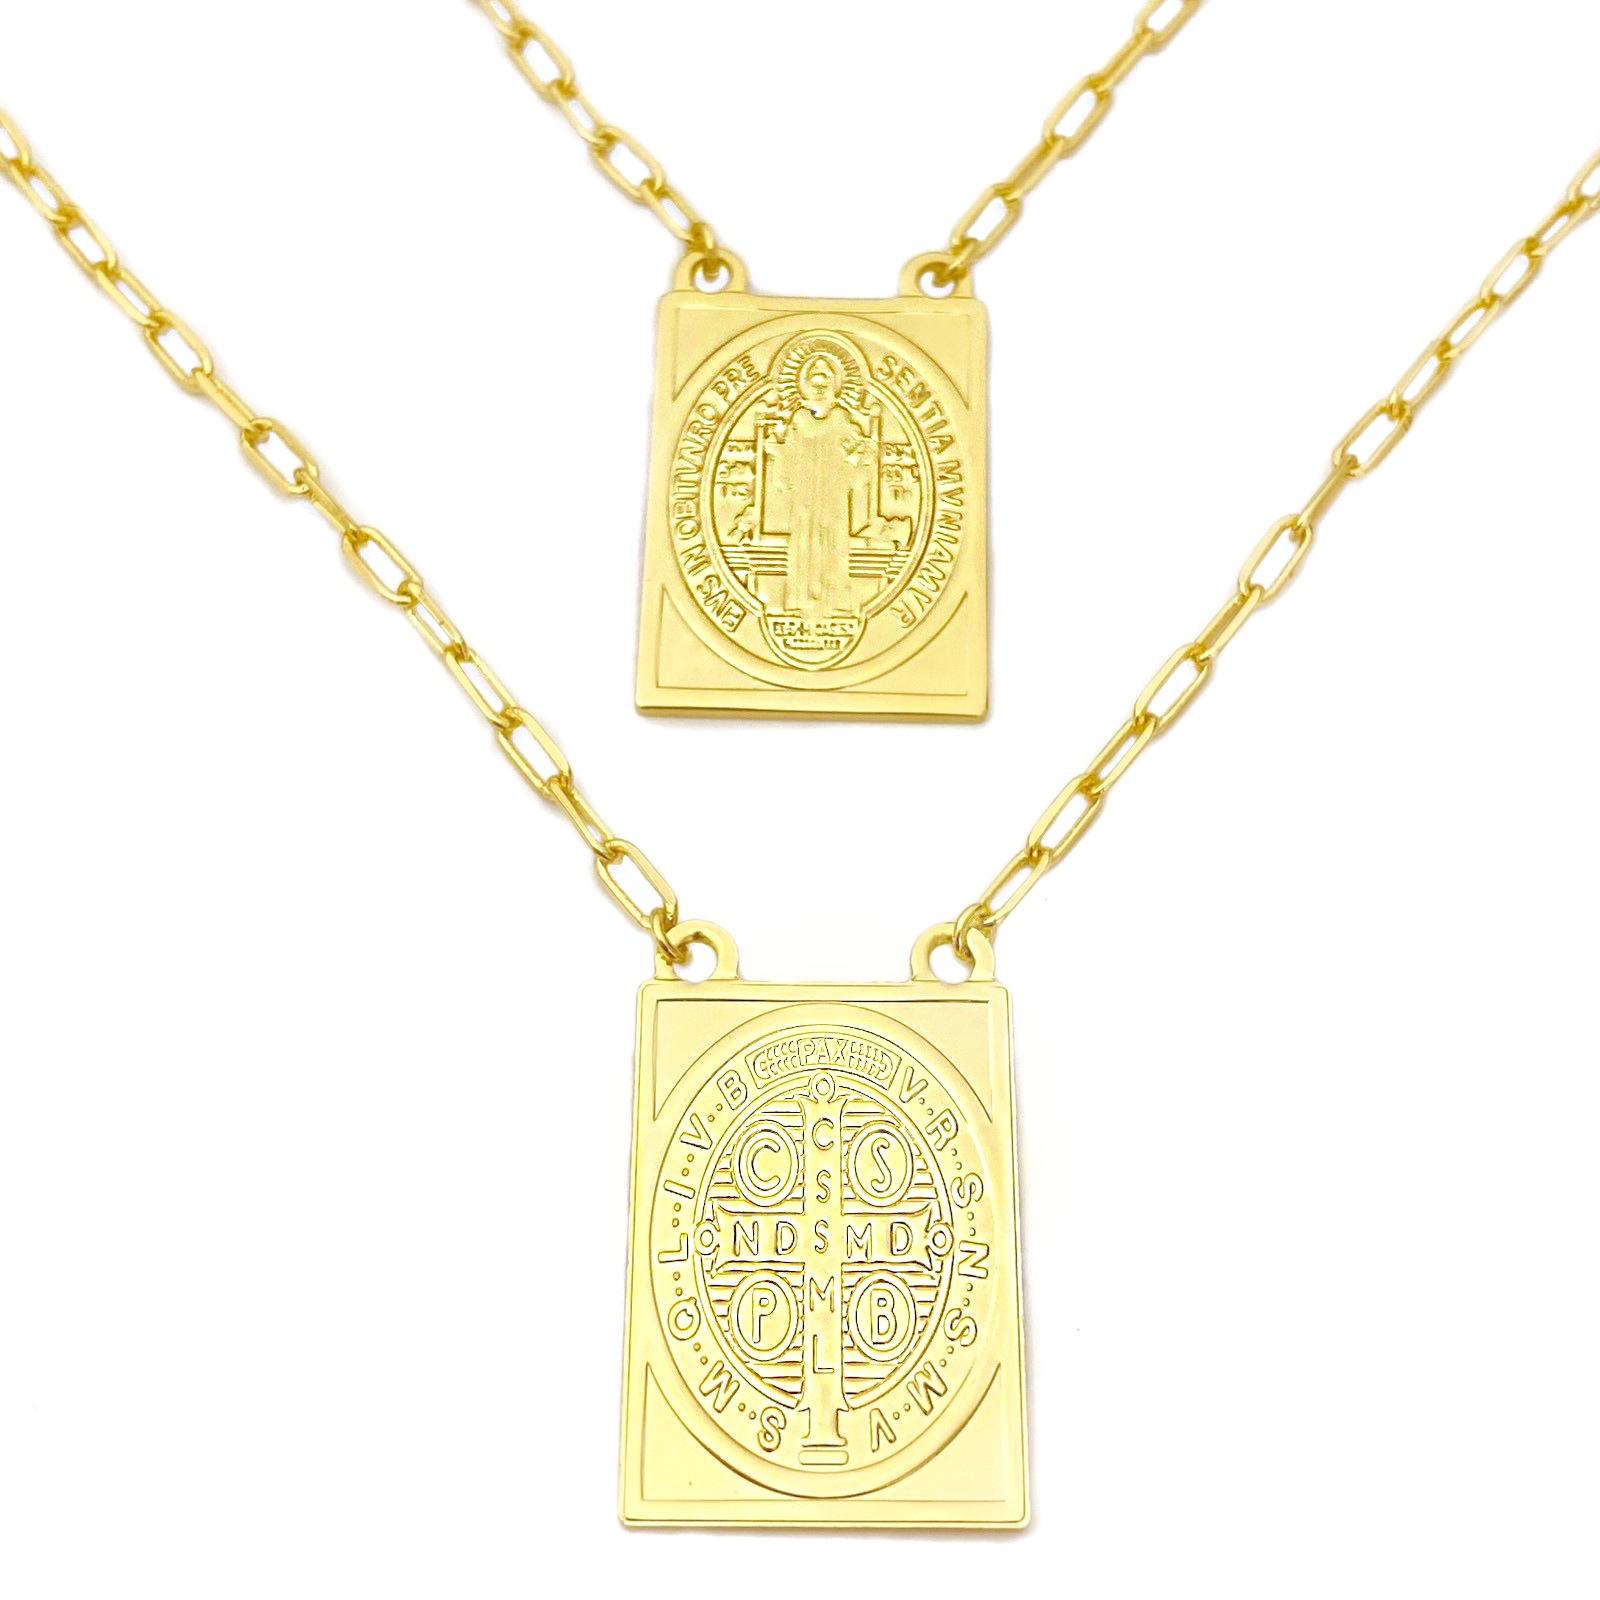 Escapulário São Bento + Oração (Pingente 3cm x 2,1cm) Carrier Diamantada 2,8mm 60cm (16,2g) (Banho Ouro 24k)